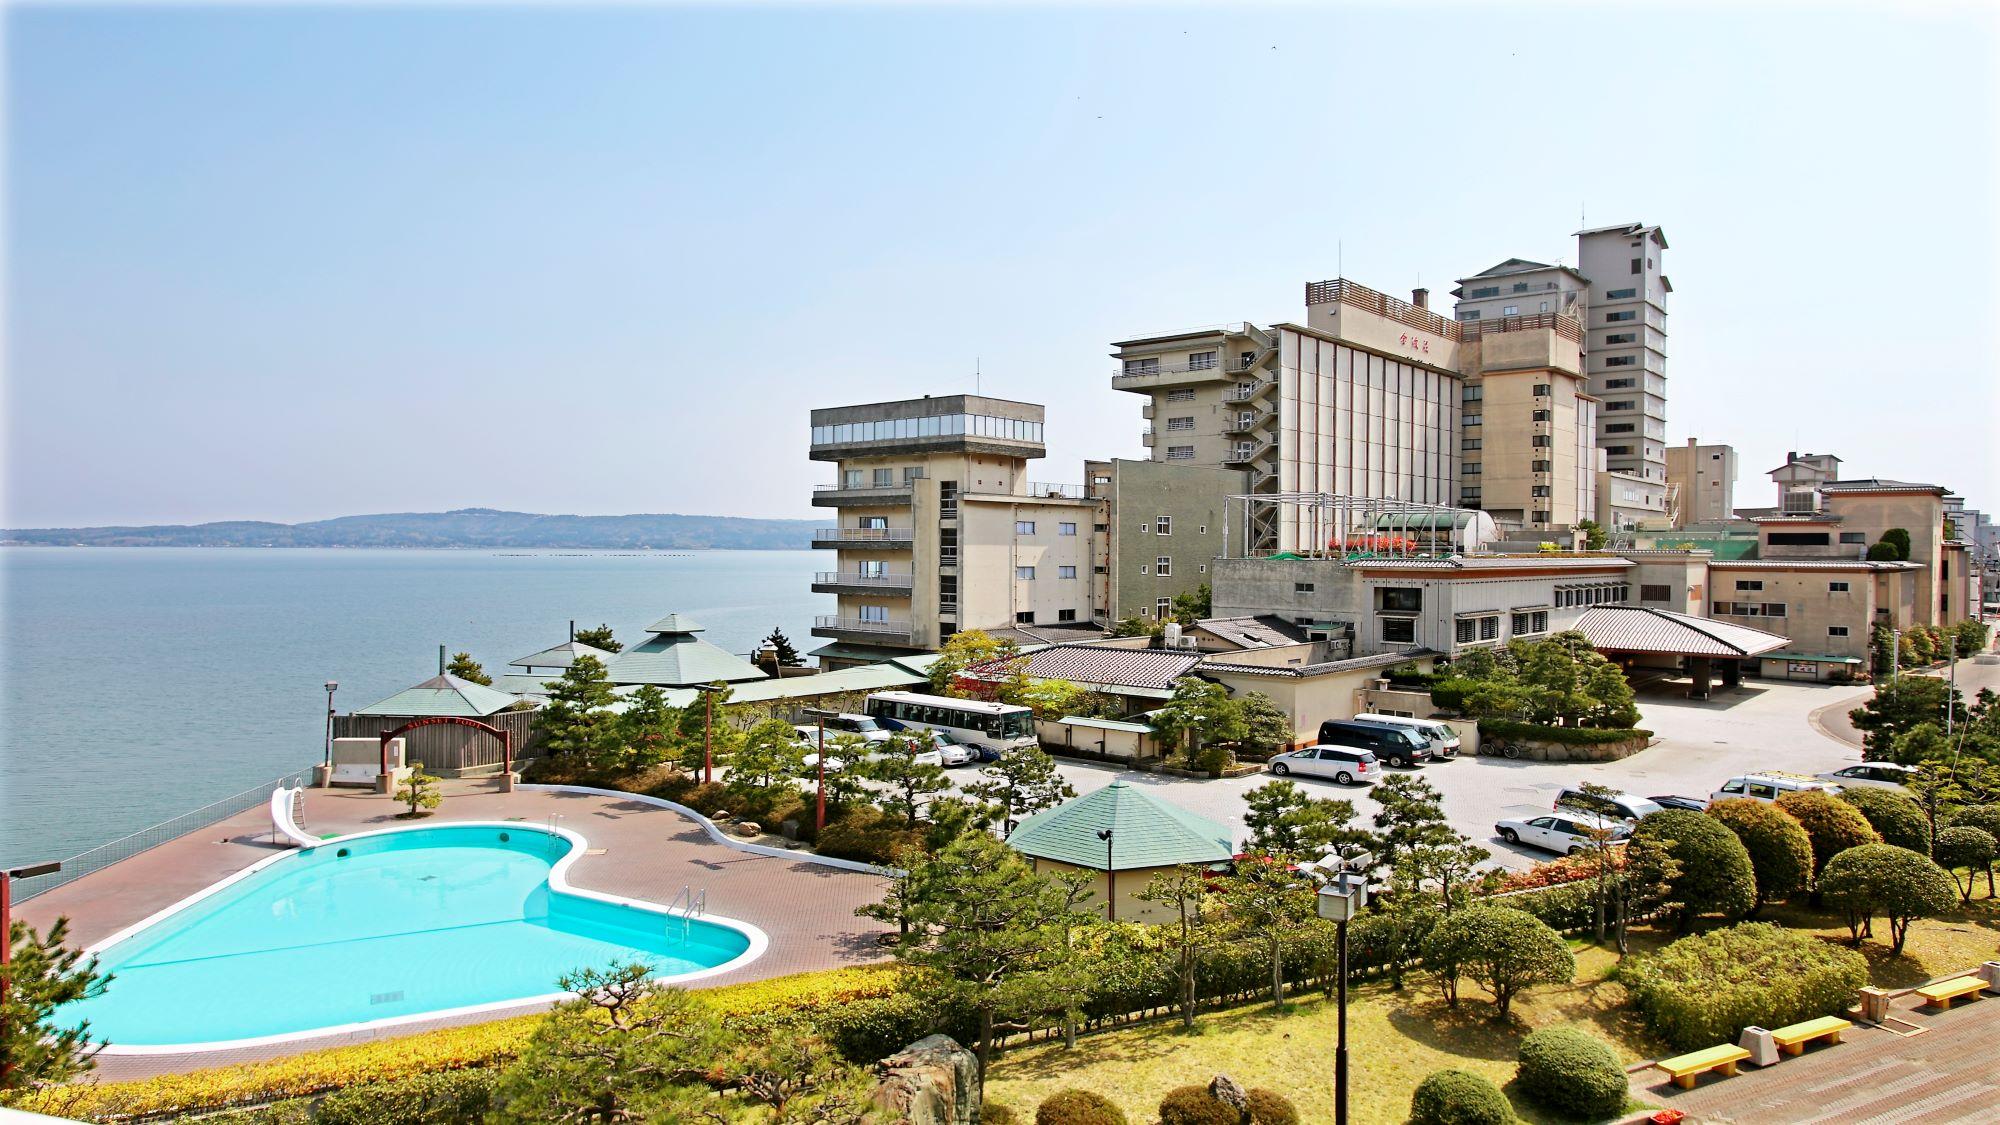 駅近くで泊まれる、魚介や海の幸が堪能できる和倉温泉のおすすめは?